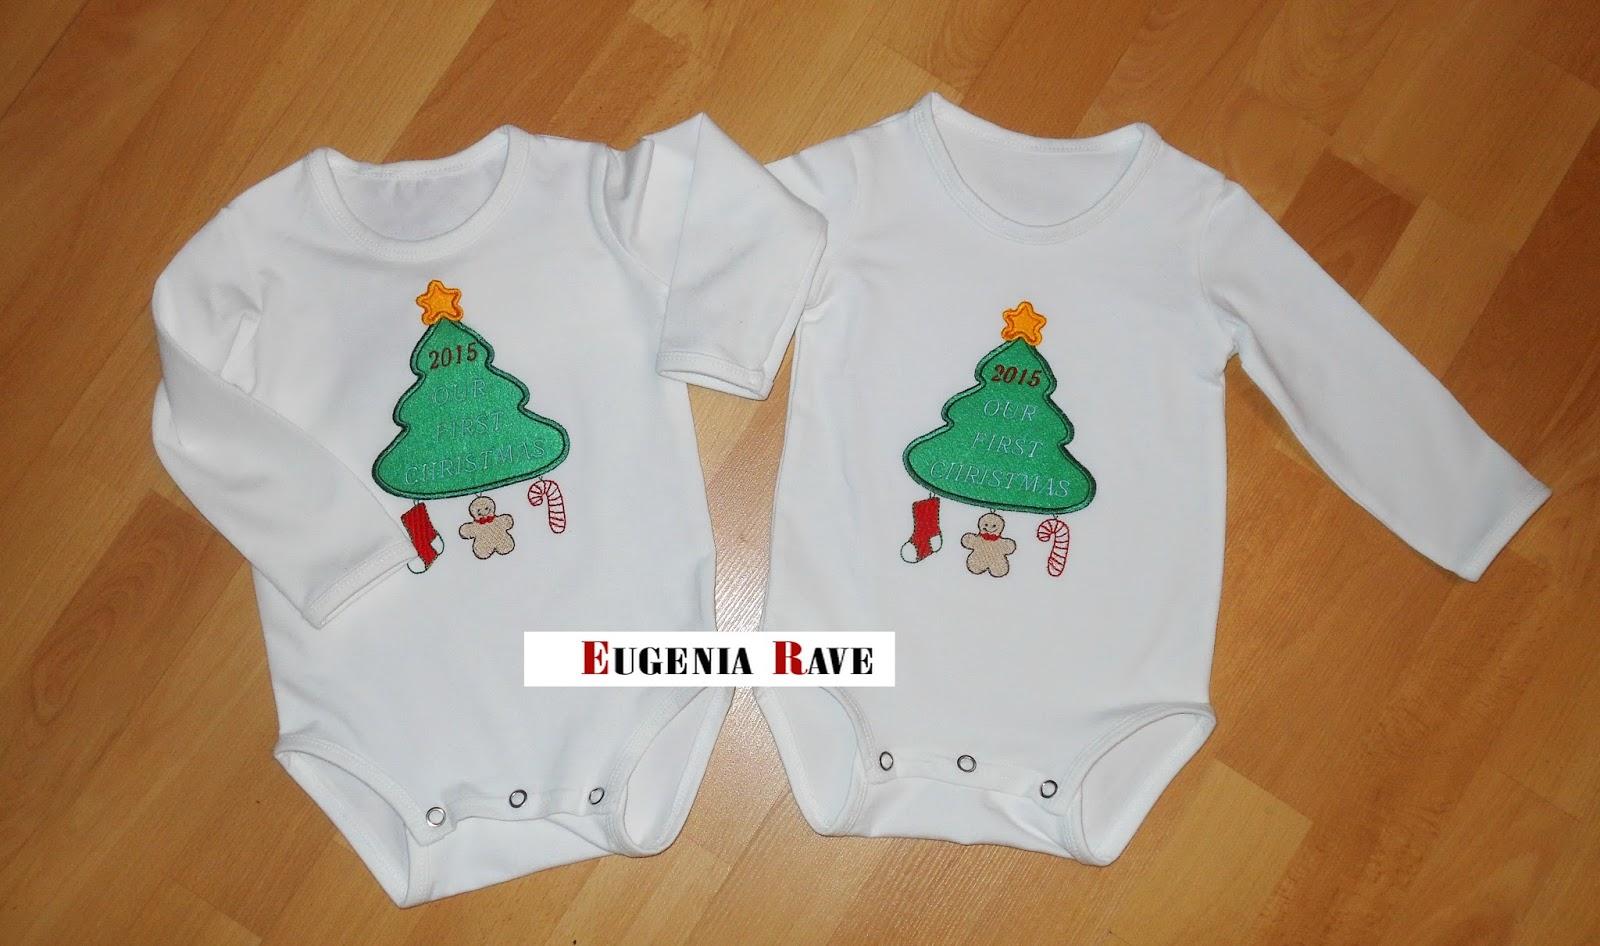 бодик, боди, для двойняшек, для близнецов, одежда для двойни, эксклюзивная одежда для двойни